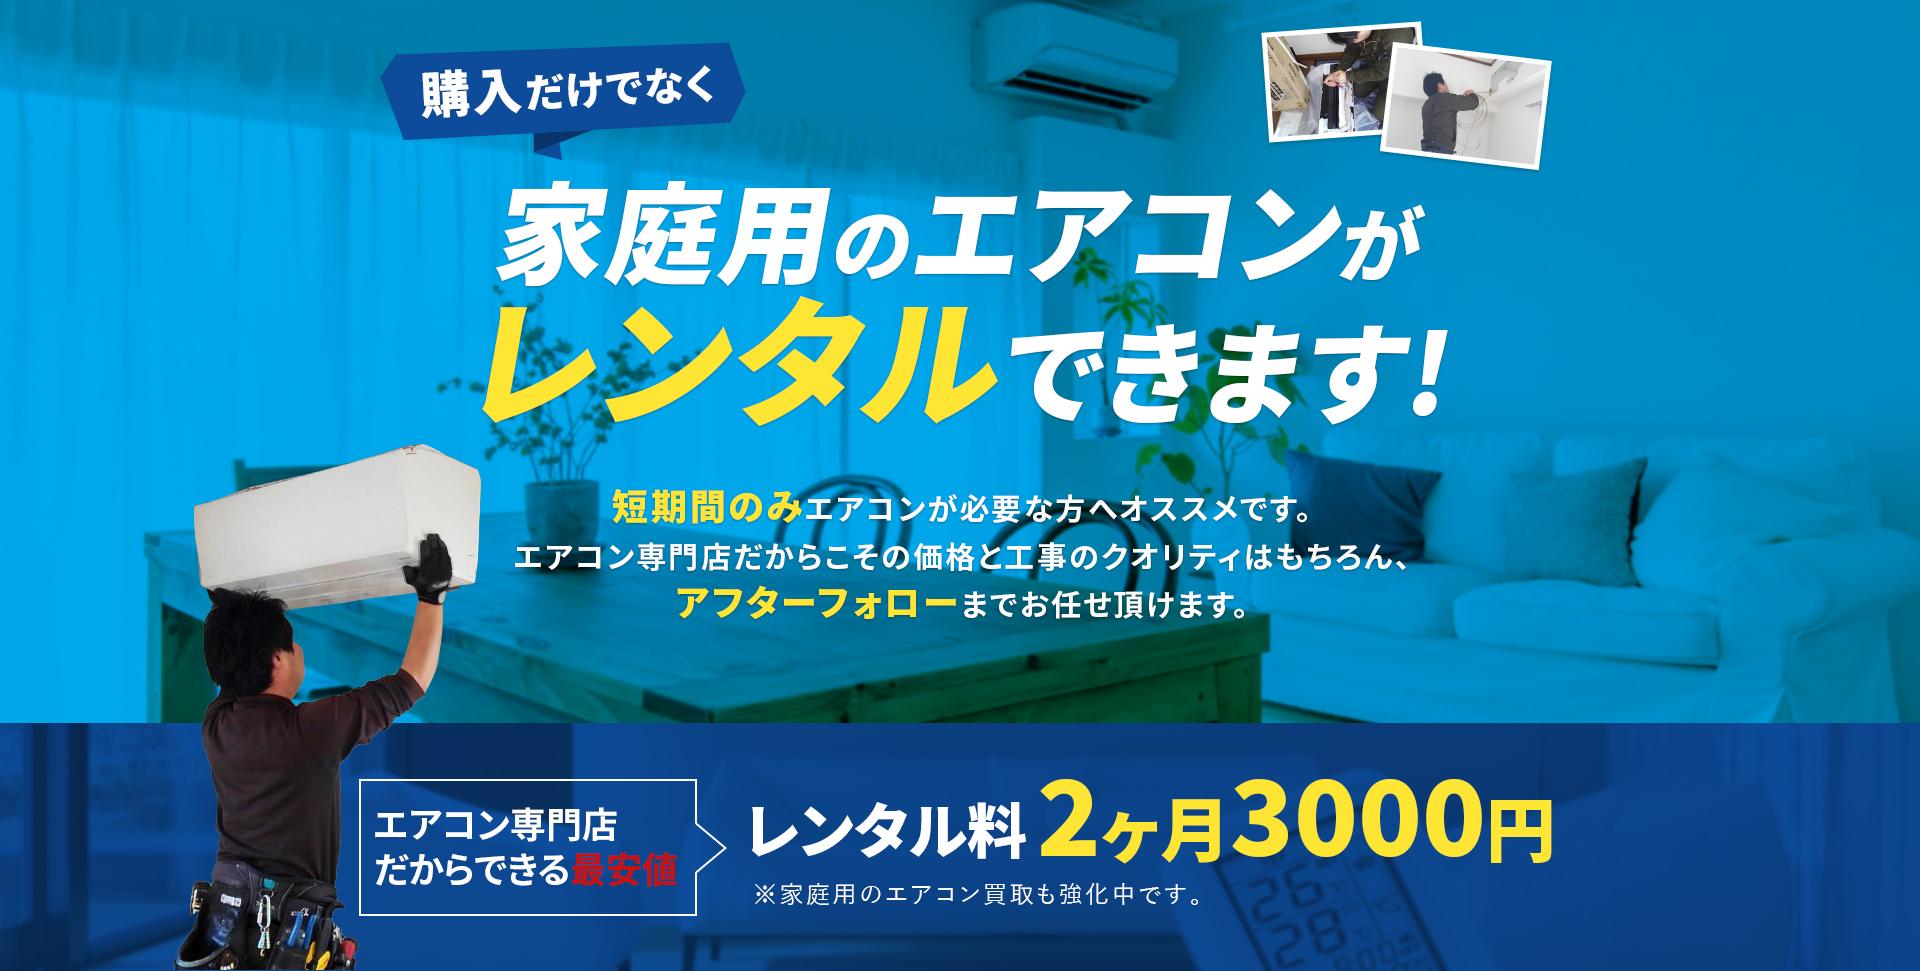 家庭用のエアコンがレンタルできます!